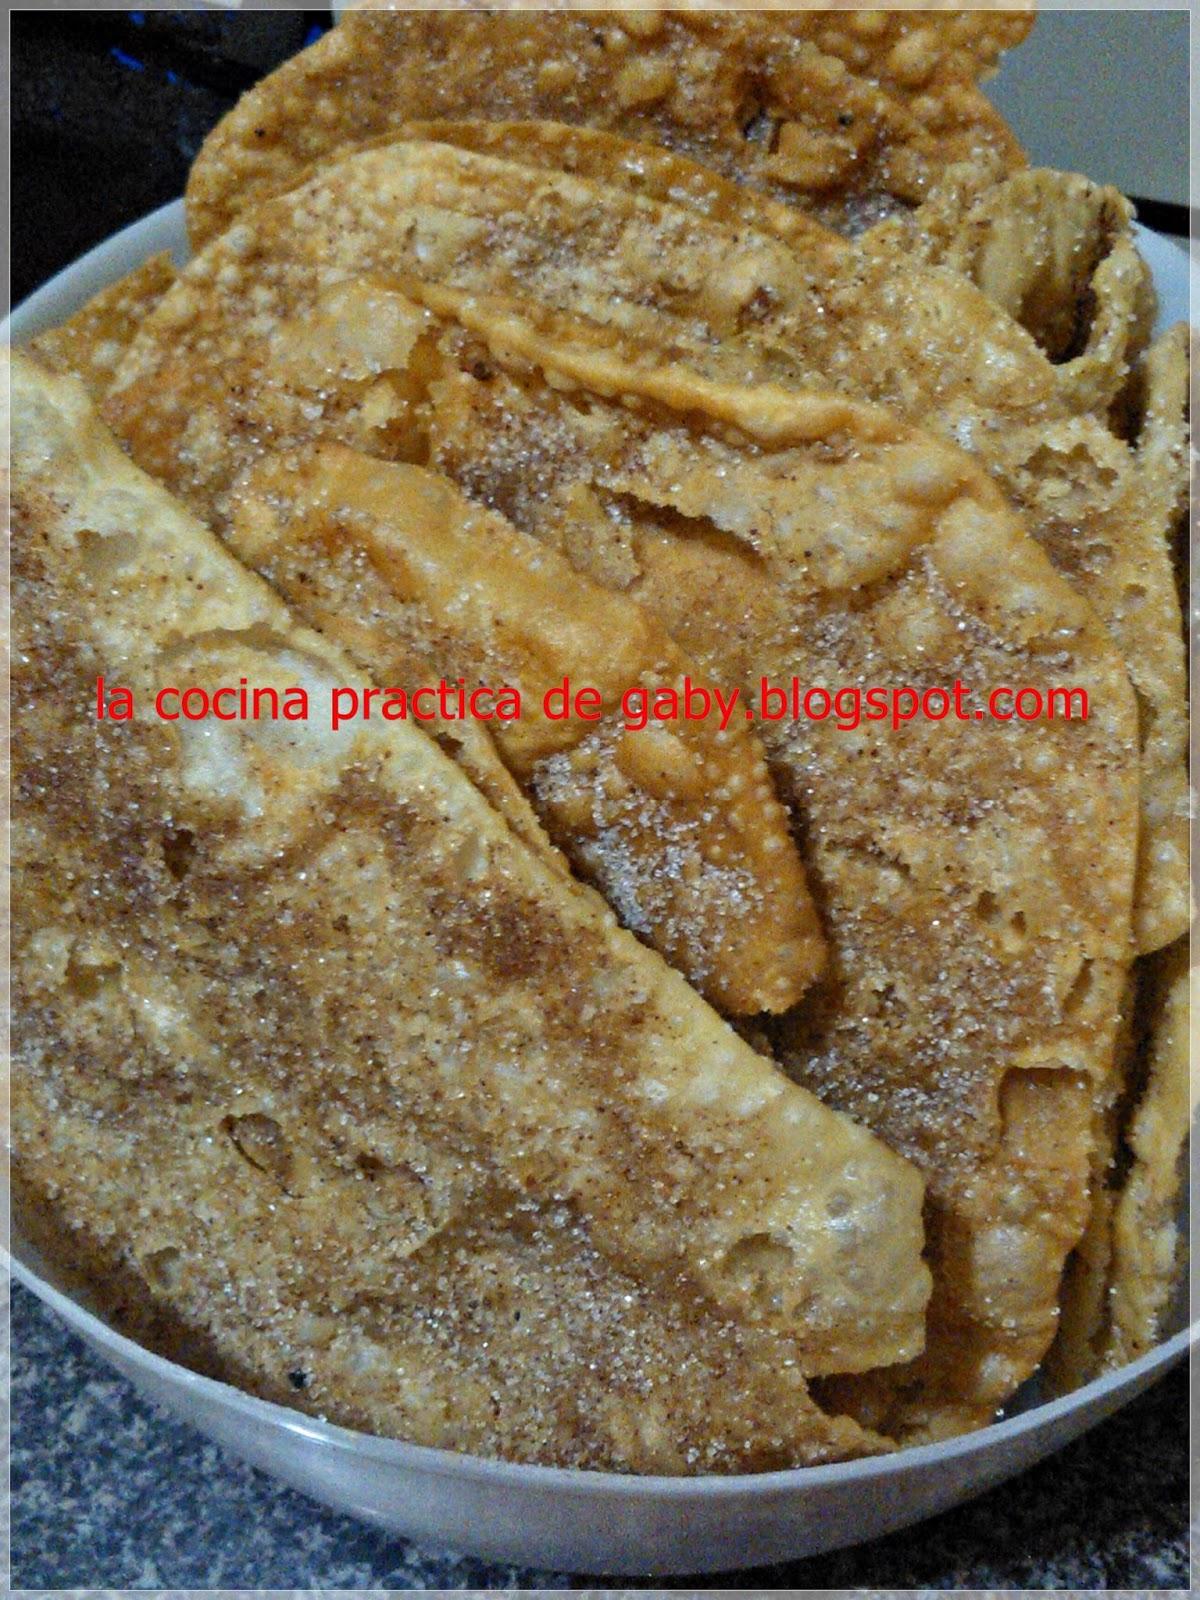 La cocina practica de gaby bu uelos practicos for Cocina practica